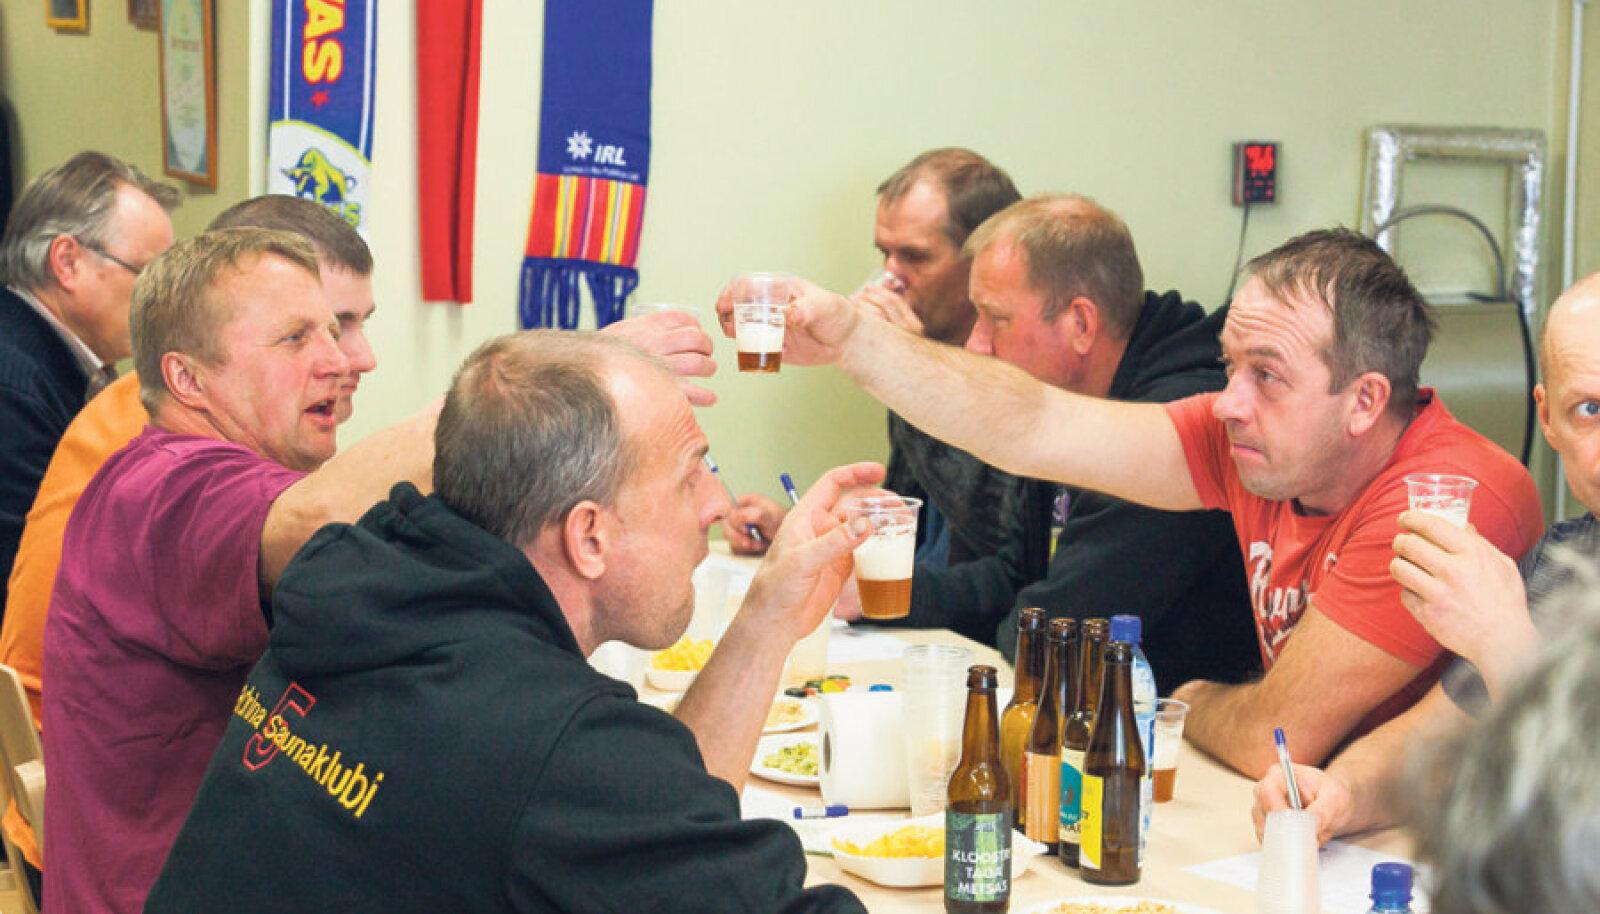 Eksib, kes arvab, et esiplaanil vasakul olev Kadrina sauna direktor ja vallavalitsuse liige Andres Nukk lööb klaasi kokku ettevõtja Ivo Mäega. Tegelikult vaadeldakse nii hoopis testitava õlle värvi. Saunaklubi pusa seljas, teeb sama tööd saunakütja Kaido Kalamäe.